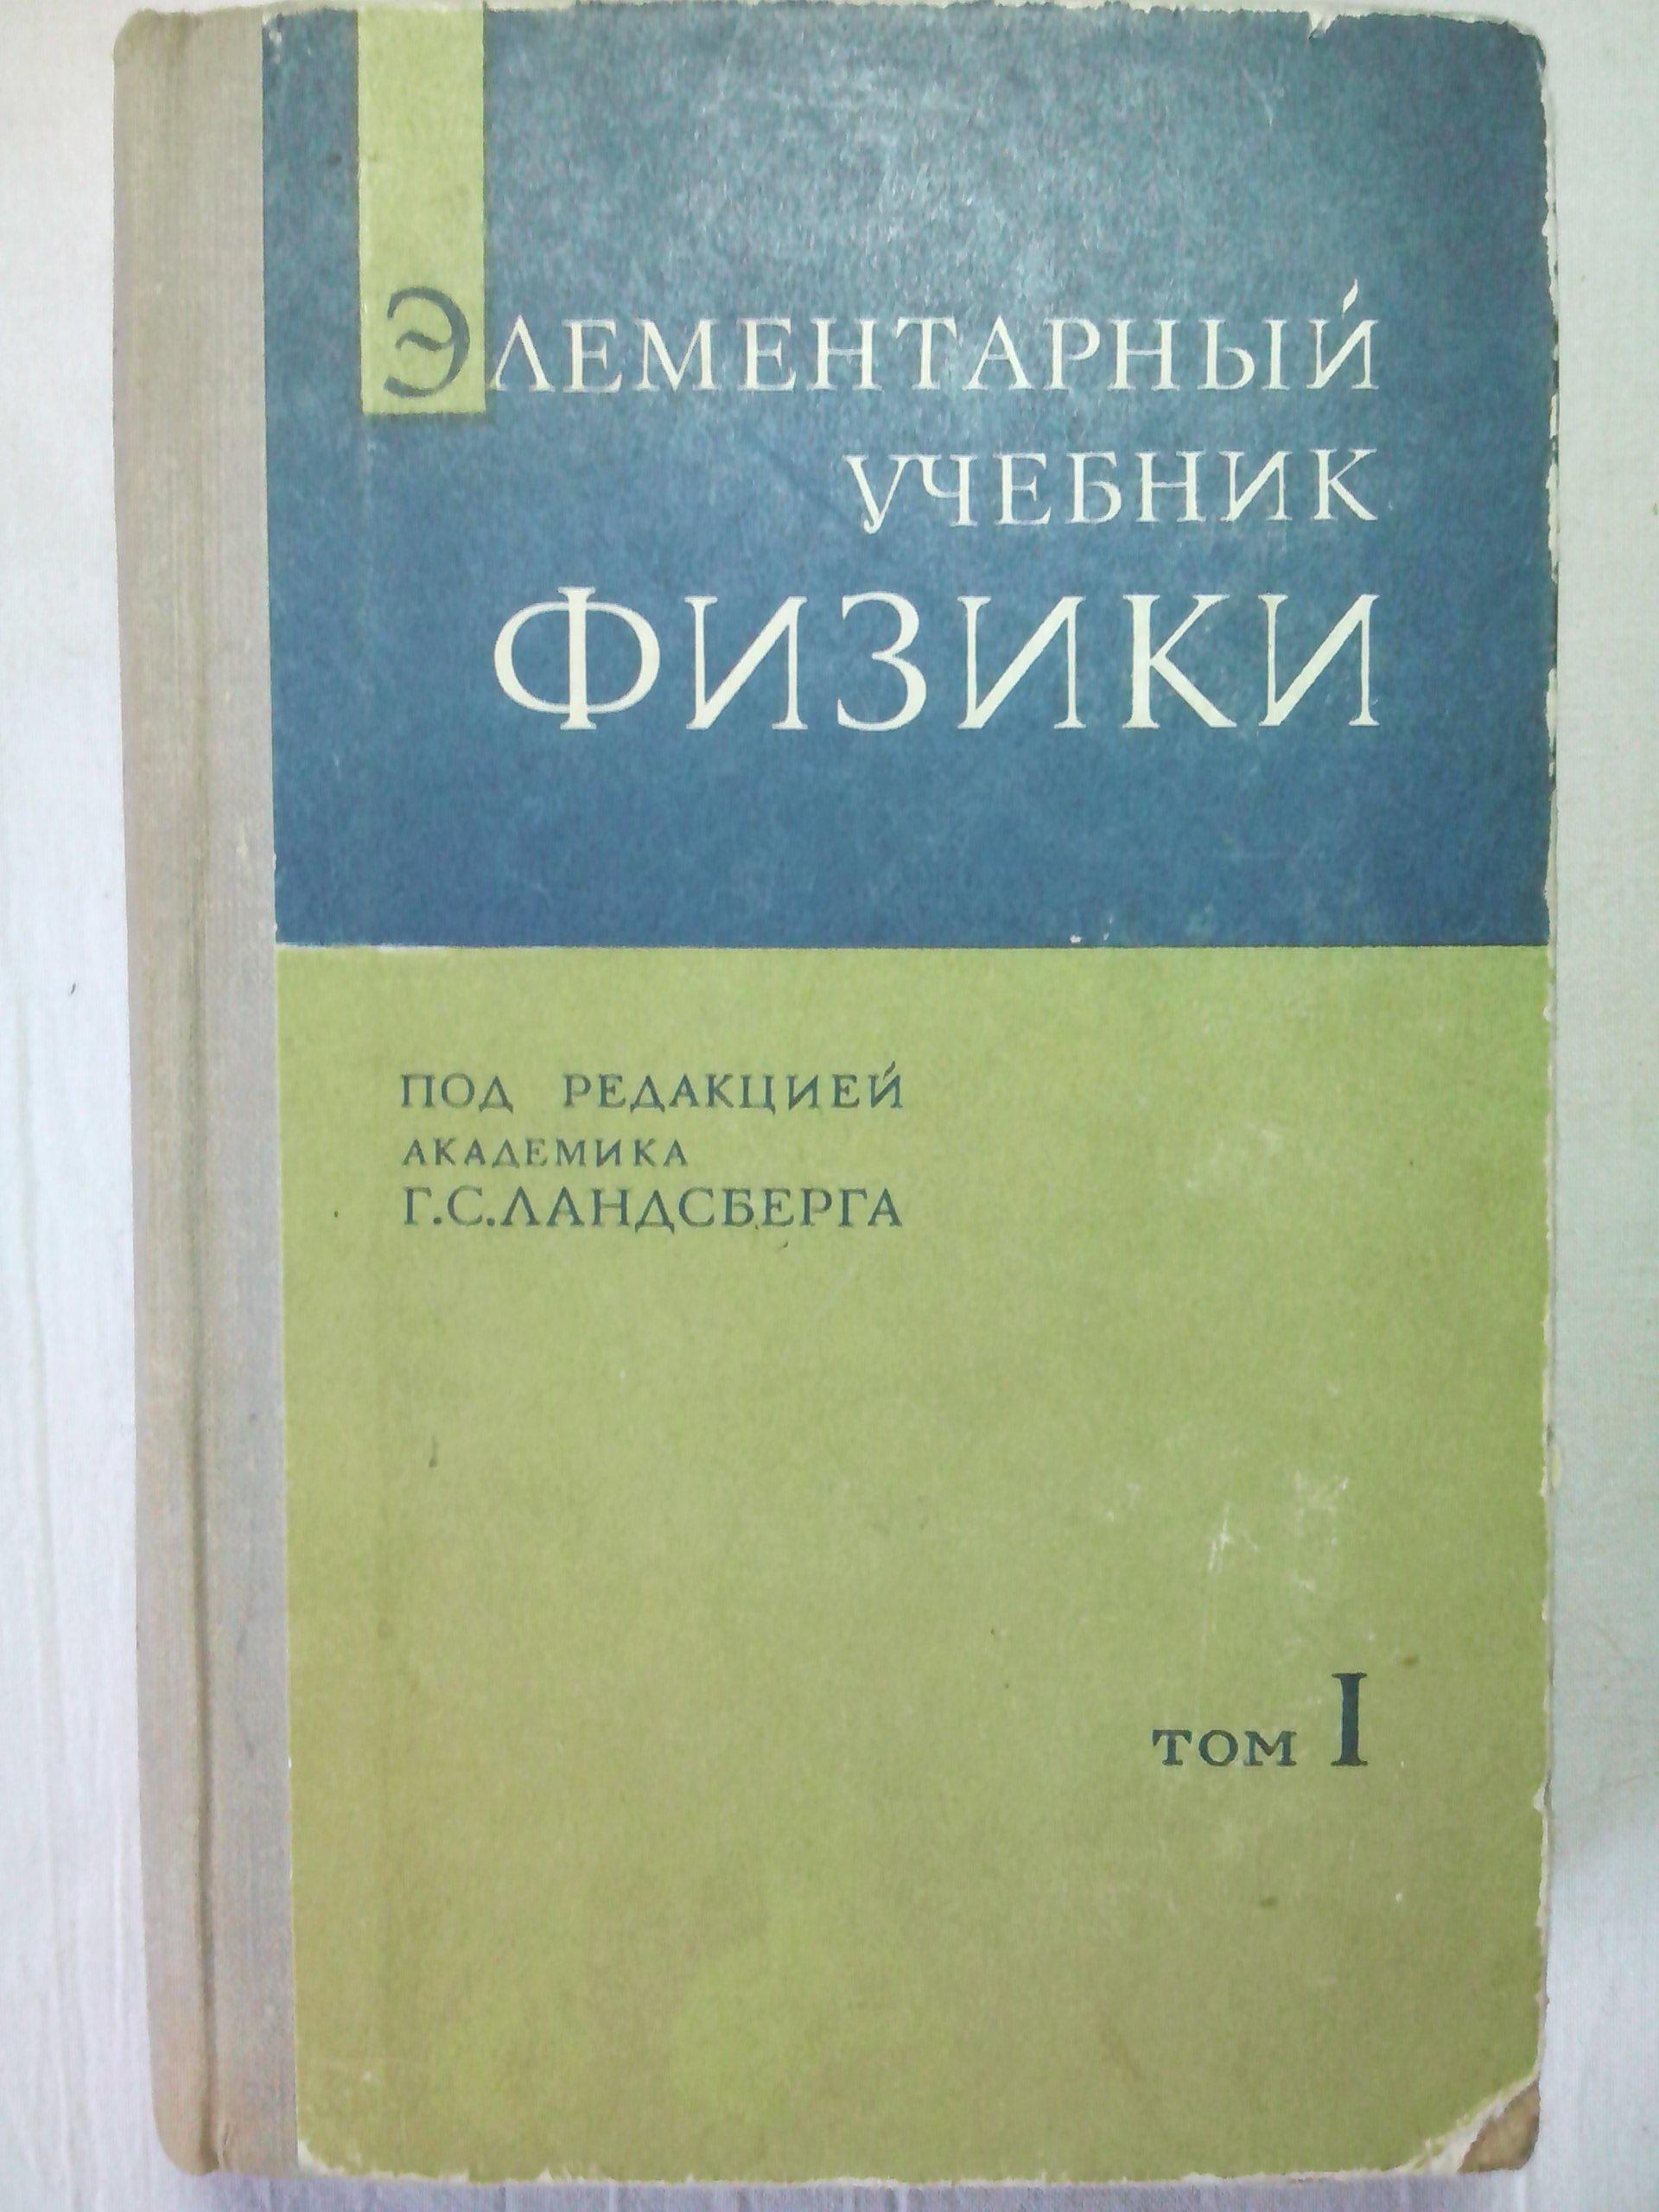 Элементарный Учебник Физики Ландсберга Задачник